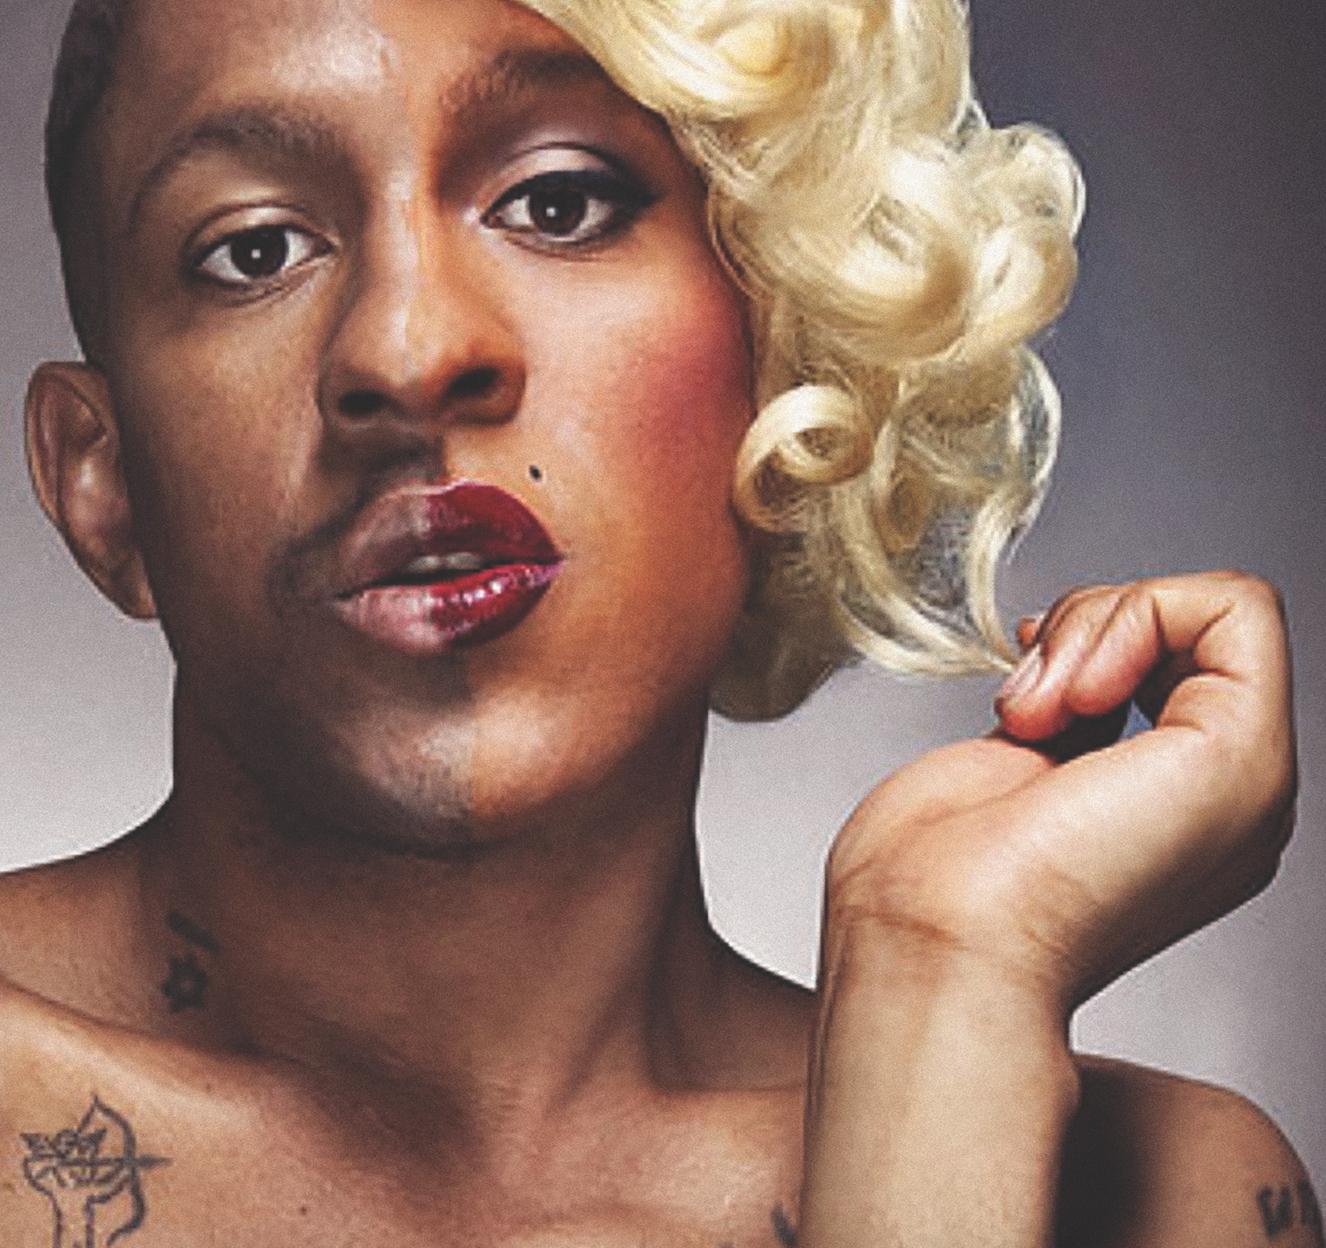 Трансгендер - кто такой простым языком, фото, известные люди